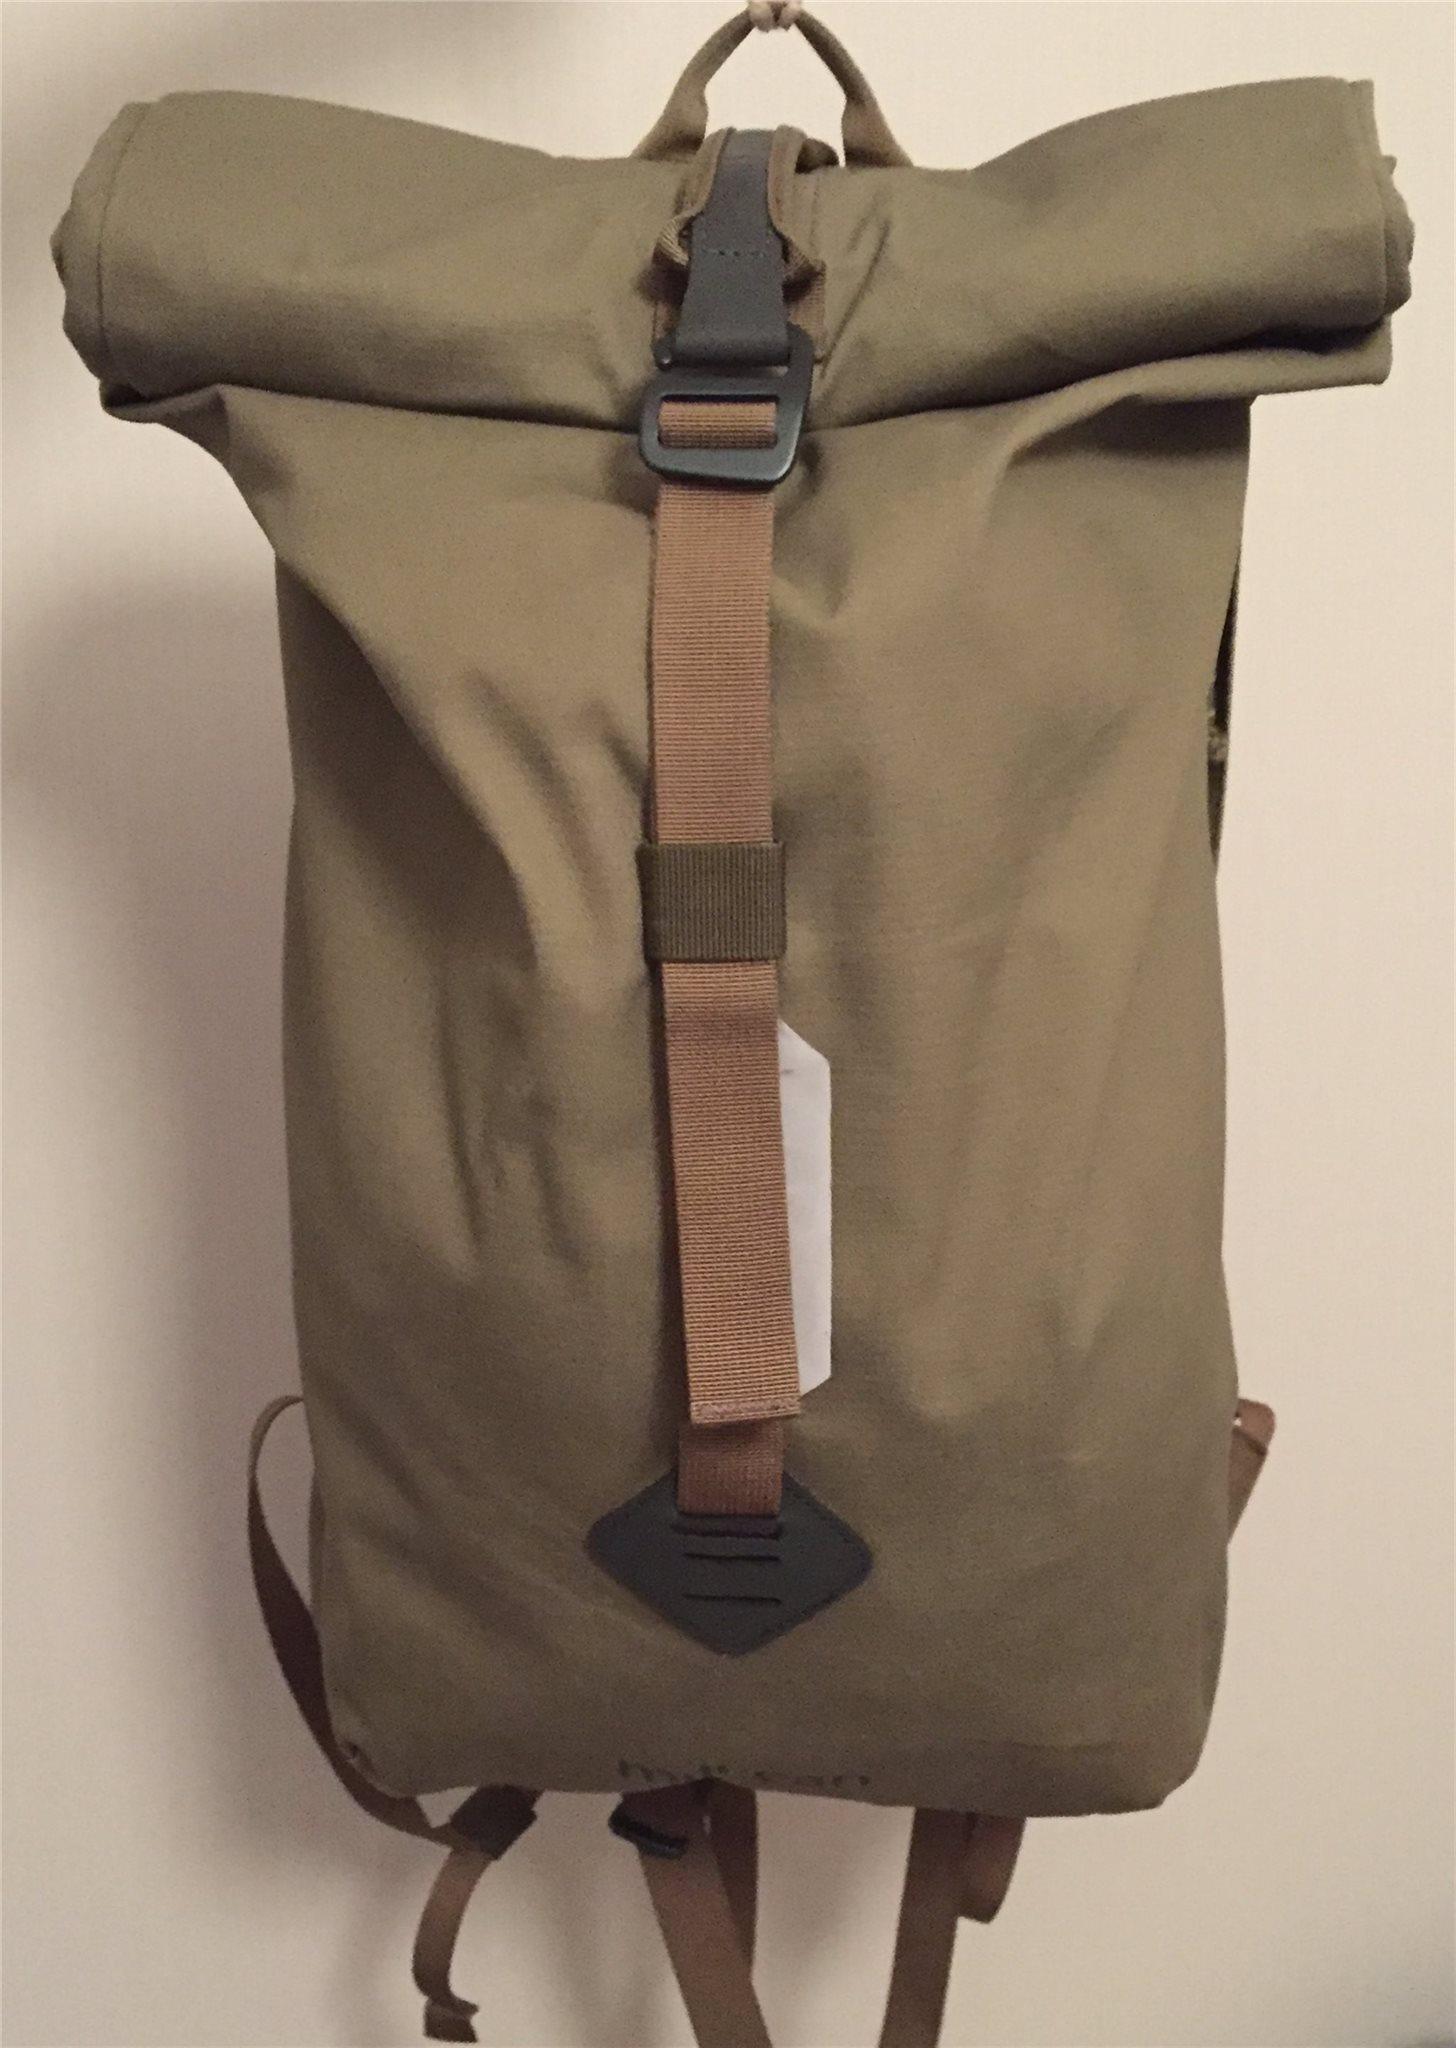 Ryggsäck Millican Smith The Roll Pack 18L (333857138) ᐈ Köp på Tradera 3b1d23895fffe